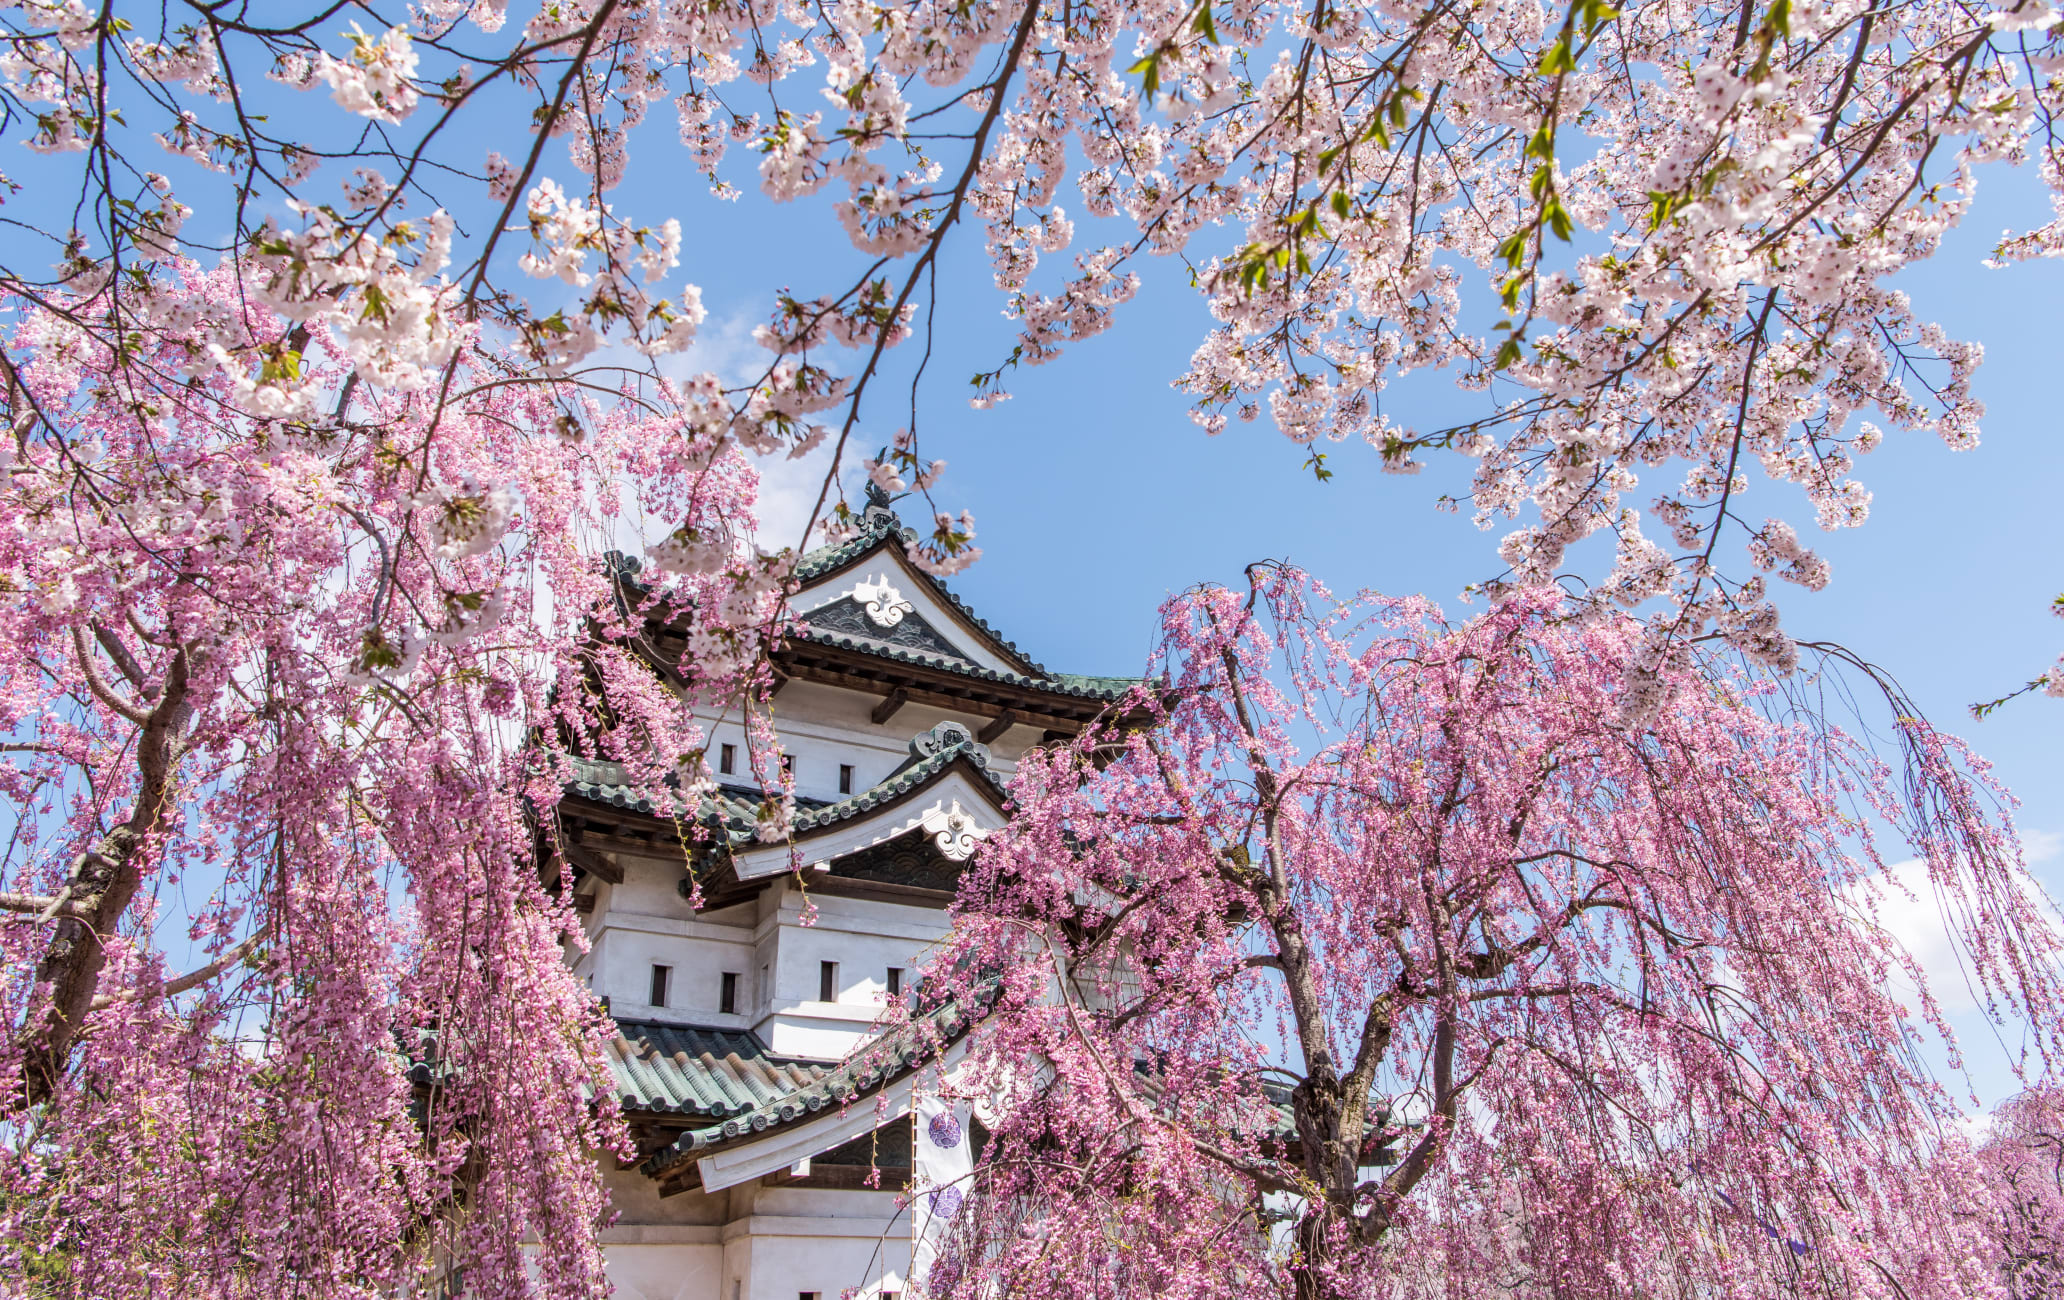 Hirosaki Park Cherry Blossom-SPR